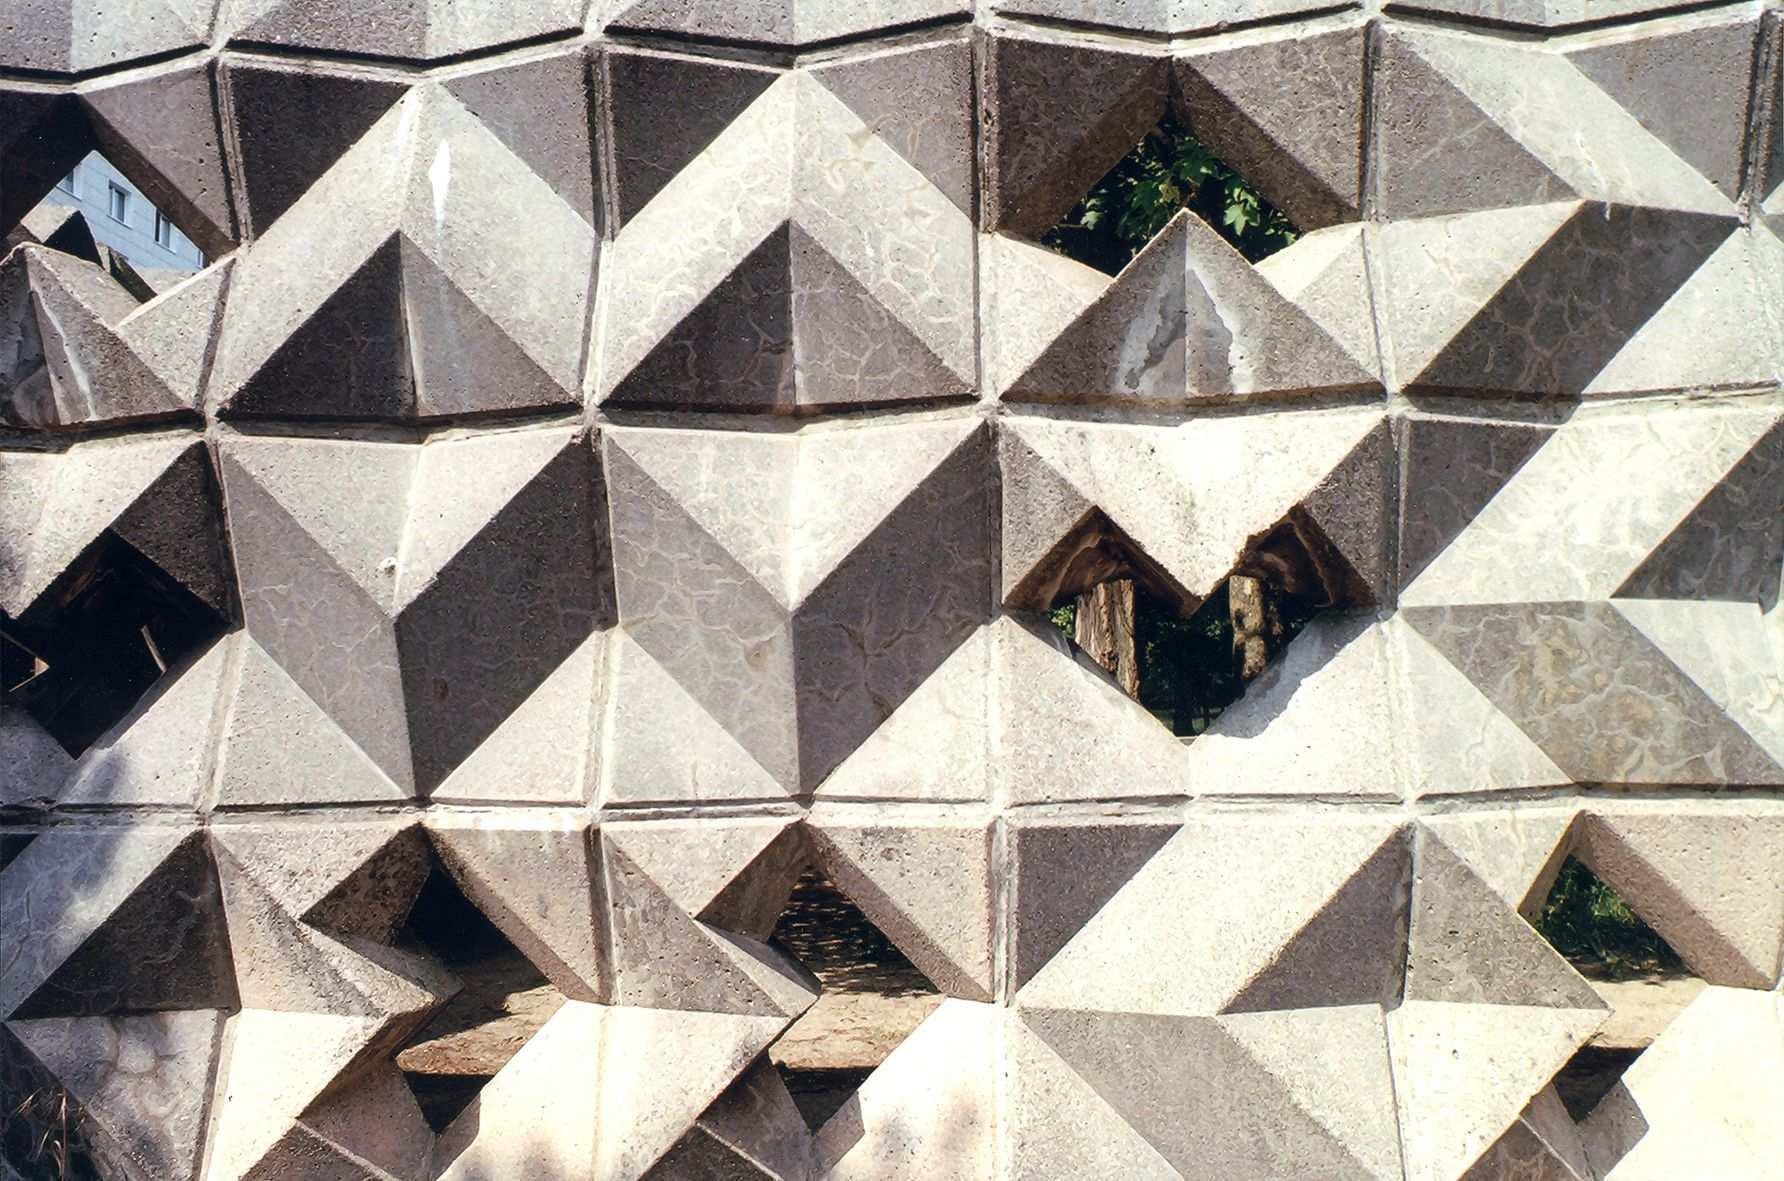 Formstein Beton Berlin Lichtenber 1975 Plattenbau Steine Ddr